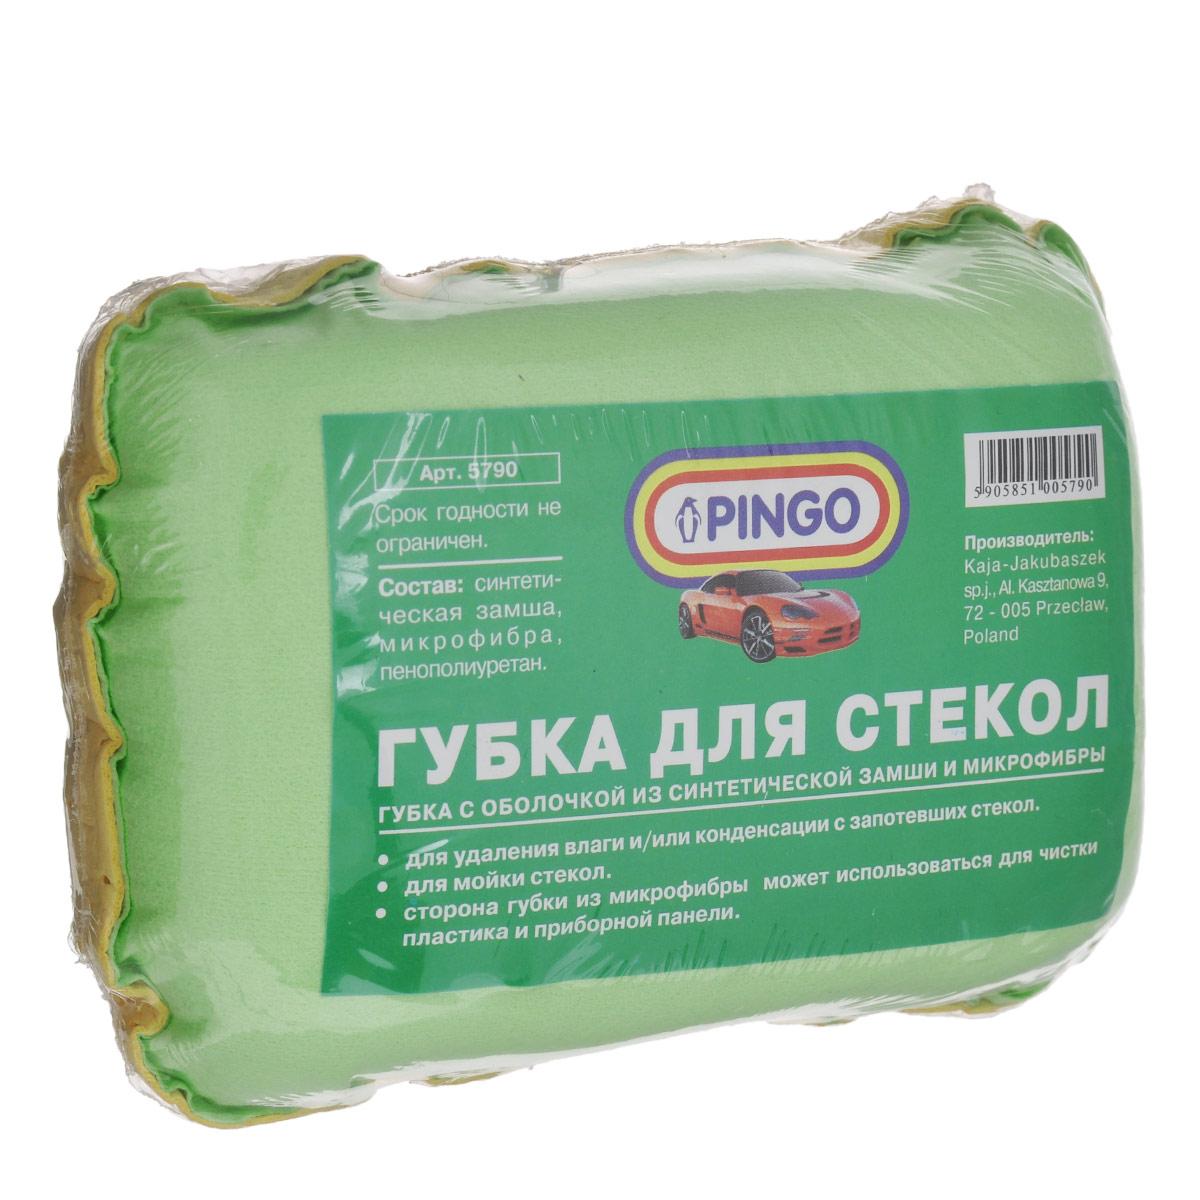 Губка для стекол Pingo, цвет: зеленый, желтыйSZ11-KS-11664-AAГубка для стекол Pingo изготовлена из пенополиуретана с оболочкой из синтетической замши и микрофибры. Губка предназначена для удаления влаги или конденсации с запотевших стекол, для мойки стекол. Сторона губки из микрофибры может использоваться для чистки пластика и приборной панели.